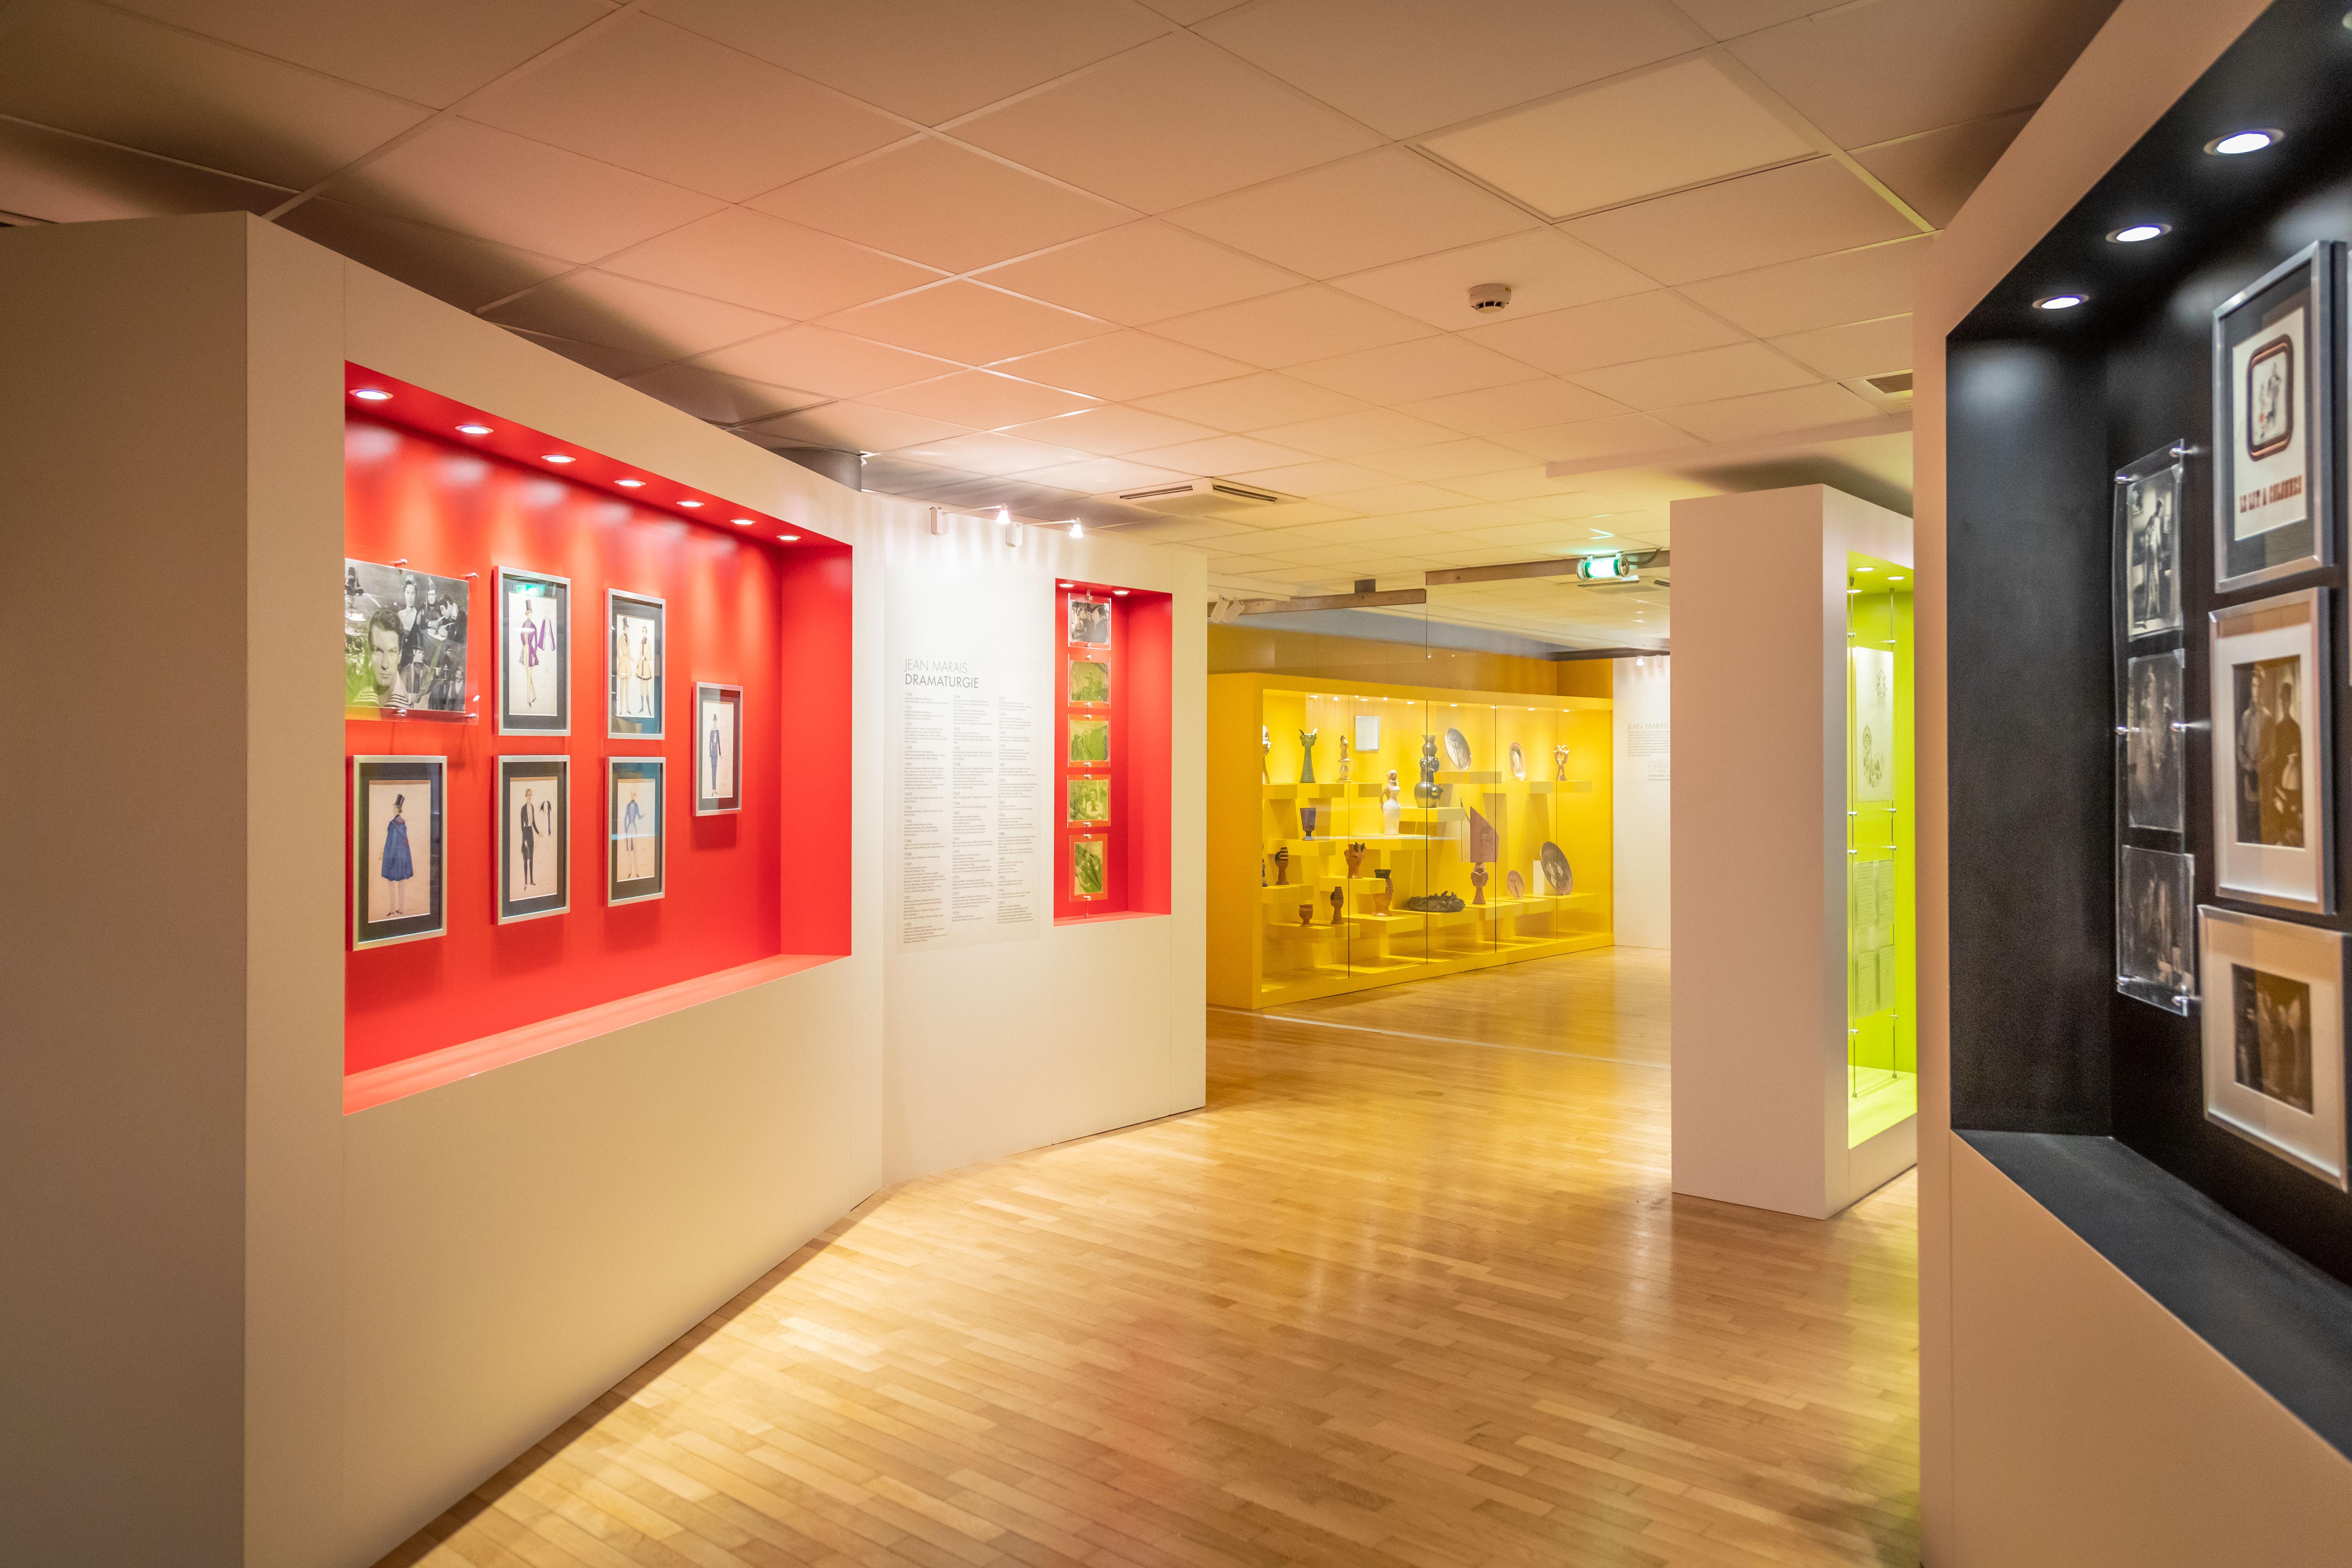 Espace d'Arts moderne et contemporain